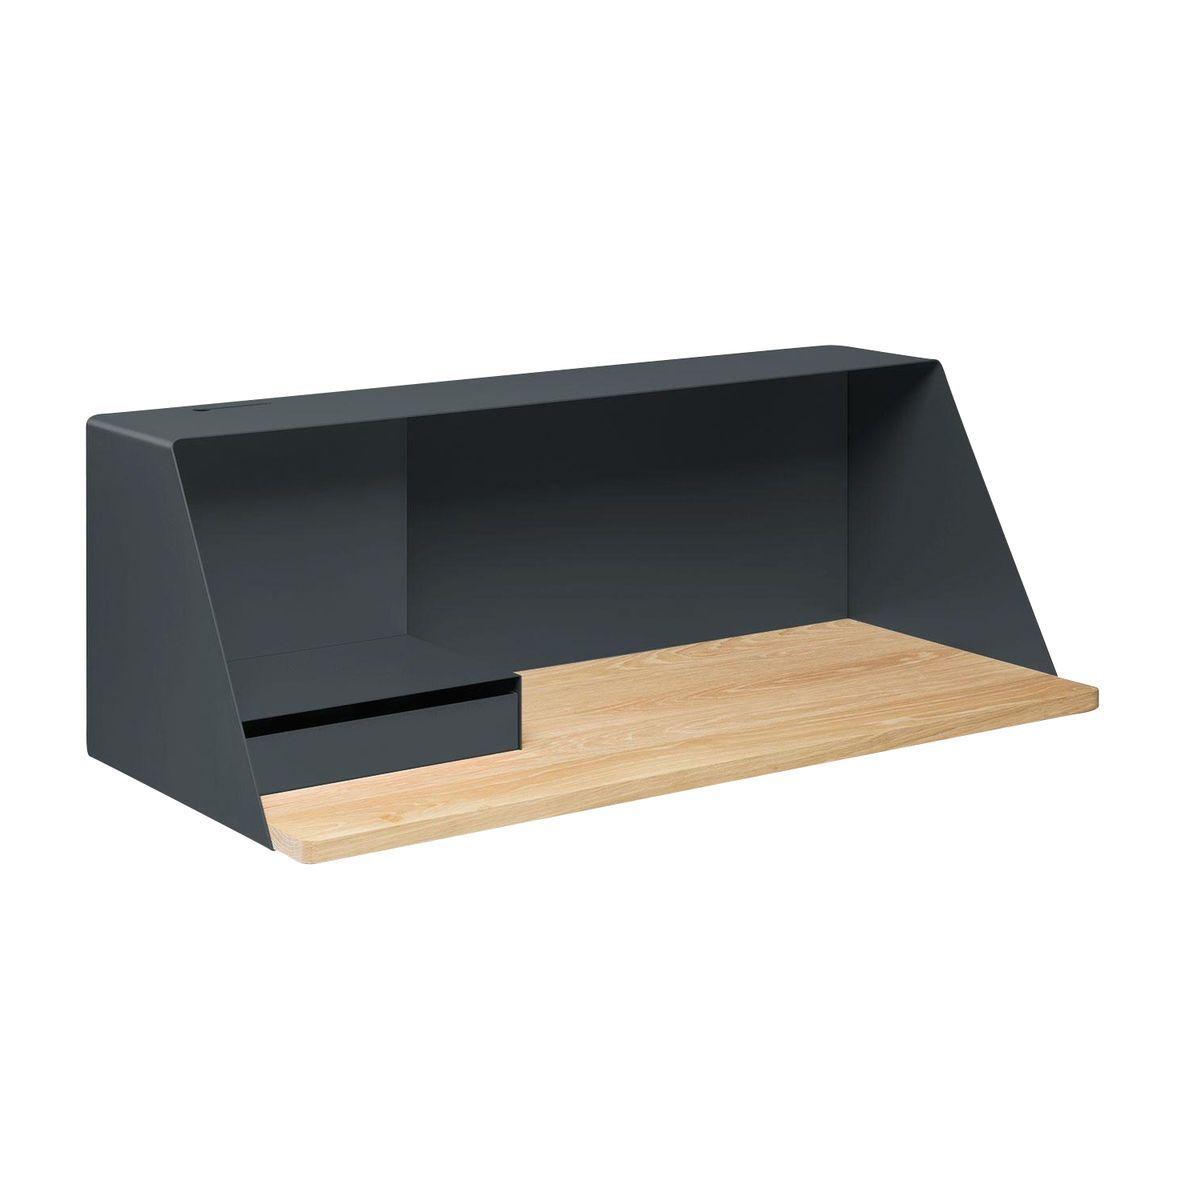 mller ps escritorio de pared xxcm gris basalto ral satn